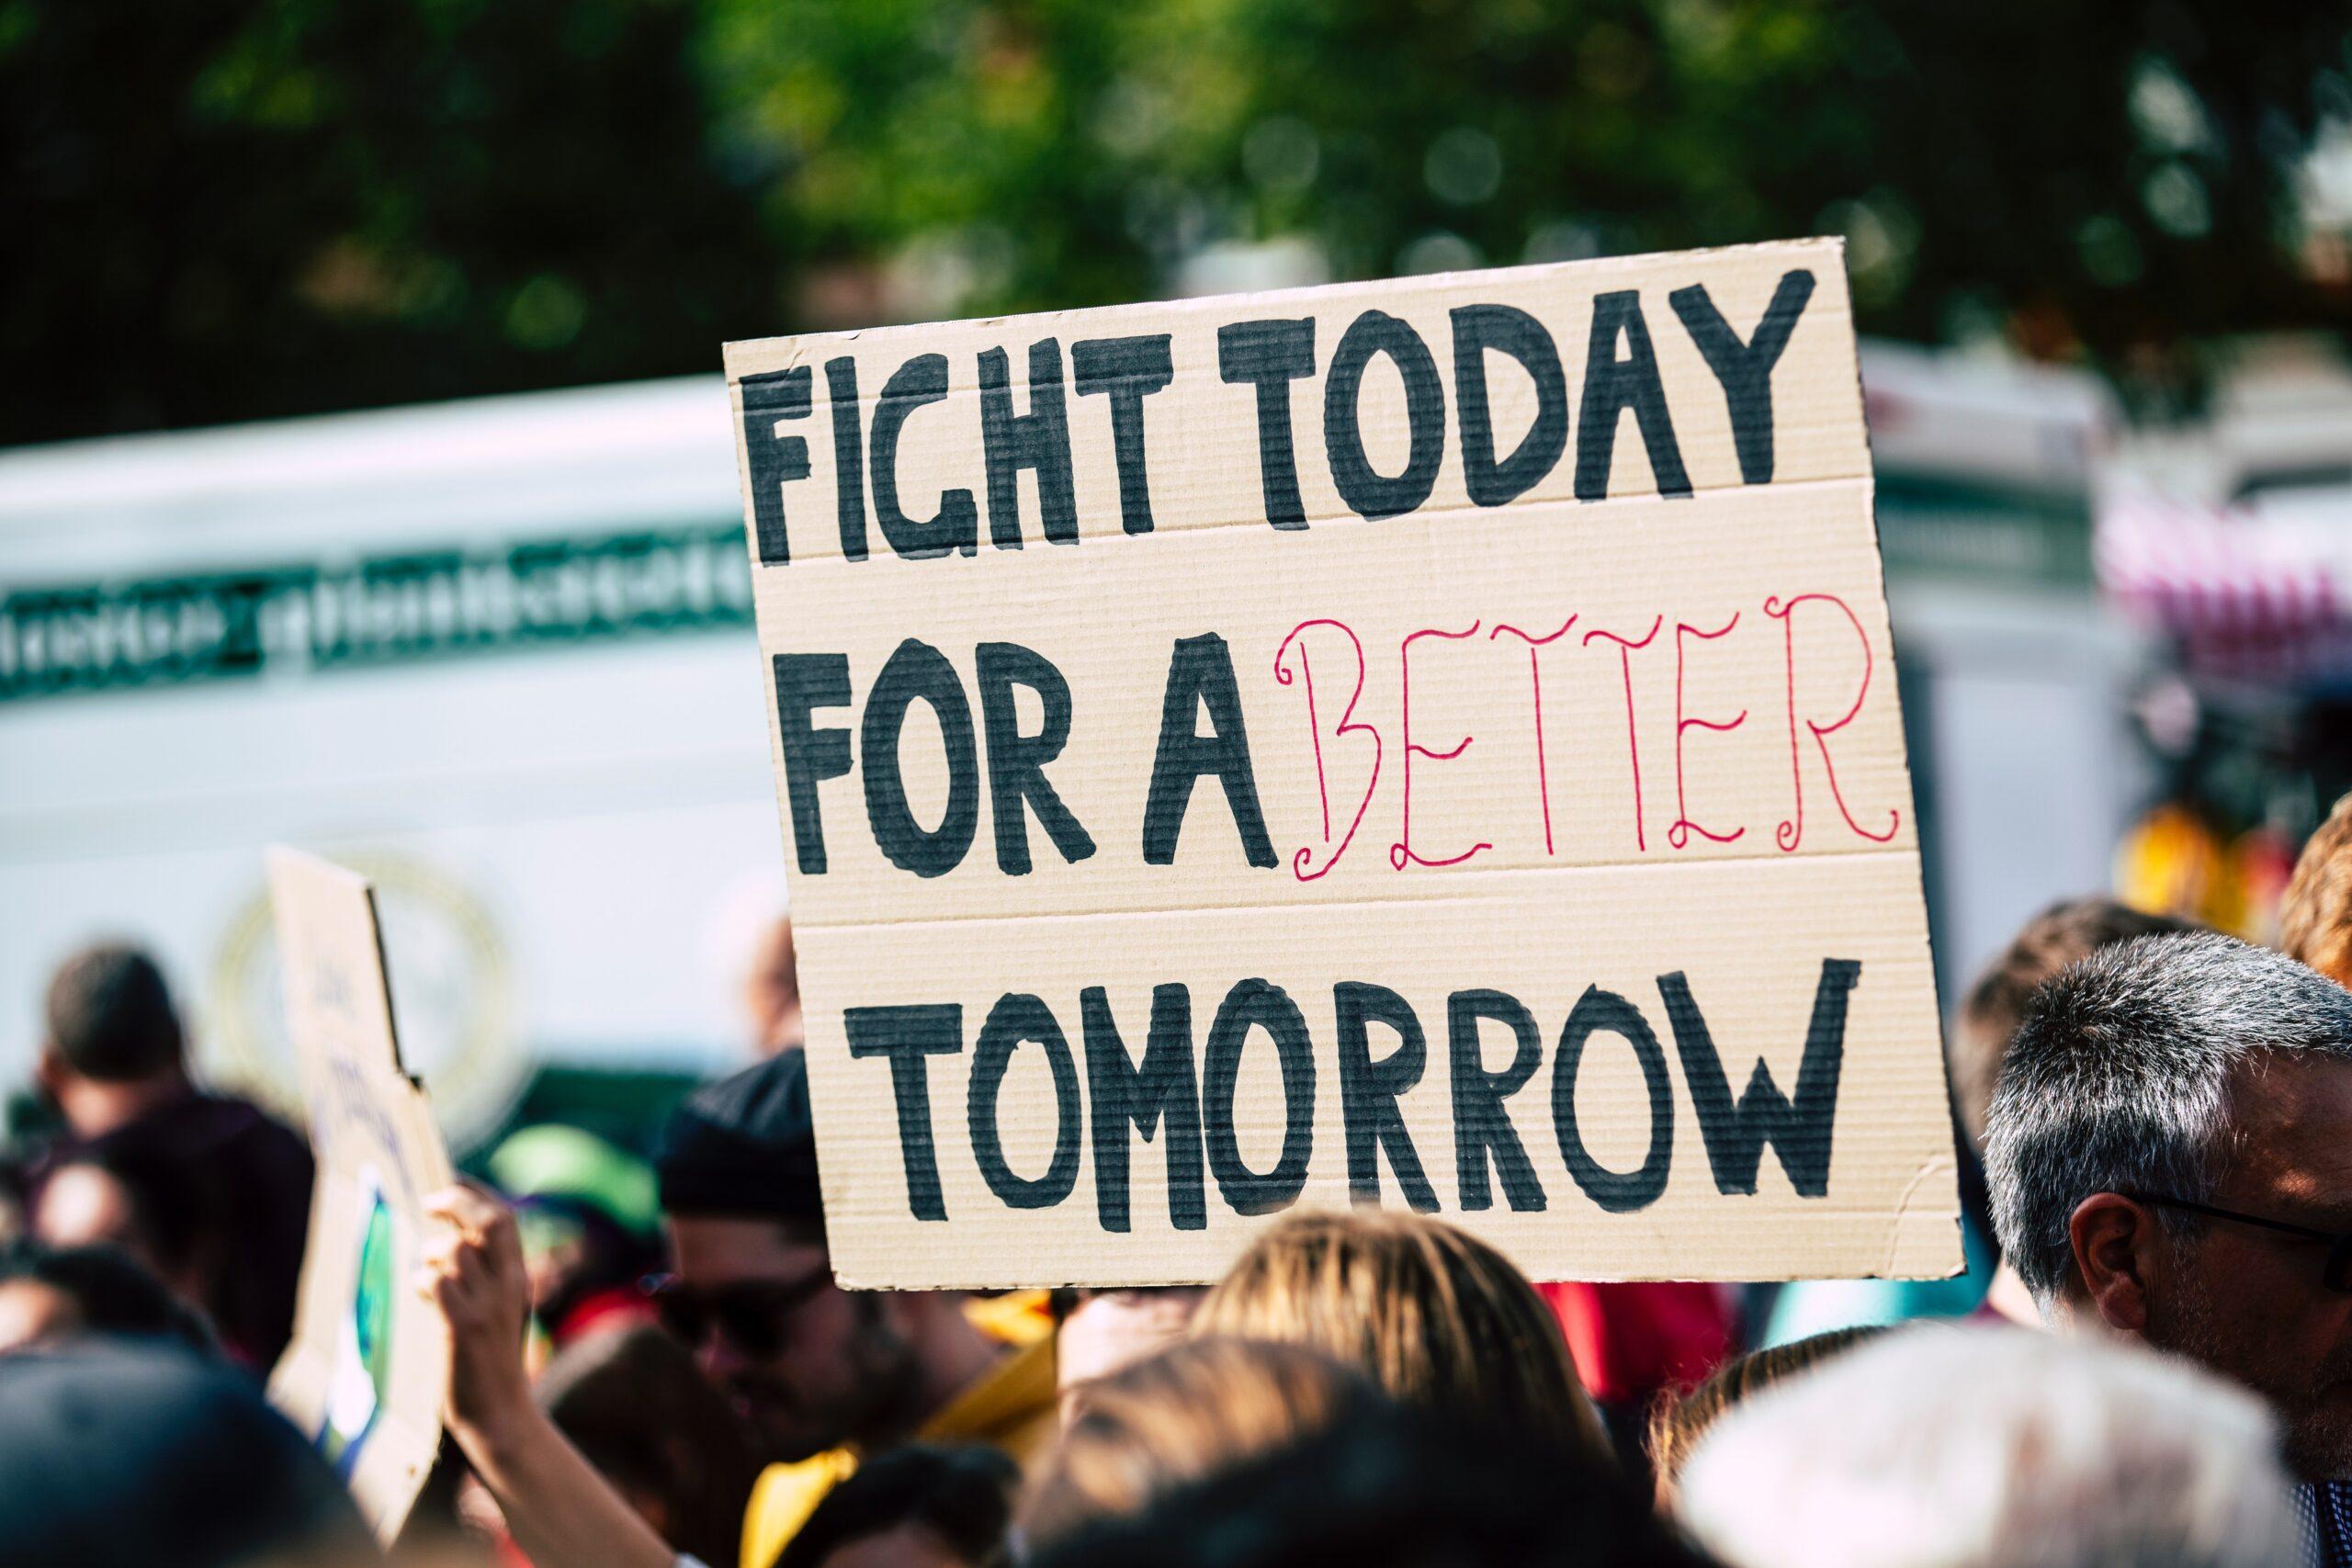 Митинг против проведения операций на детях с НФП прошел у одной из клиник Нью-Йорка